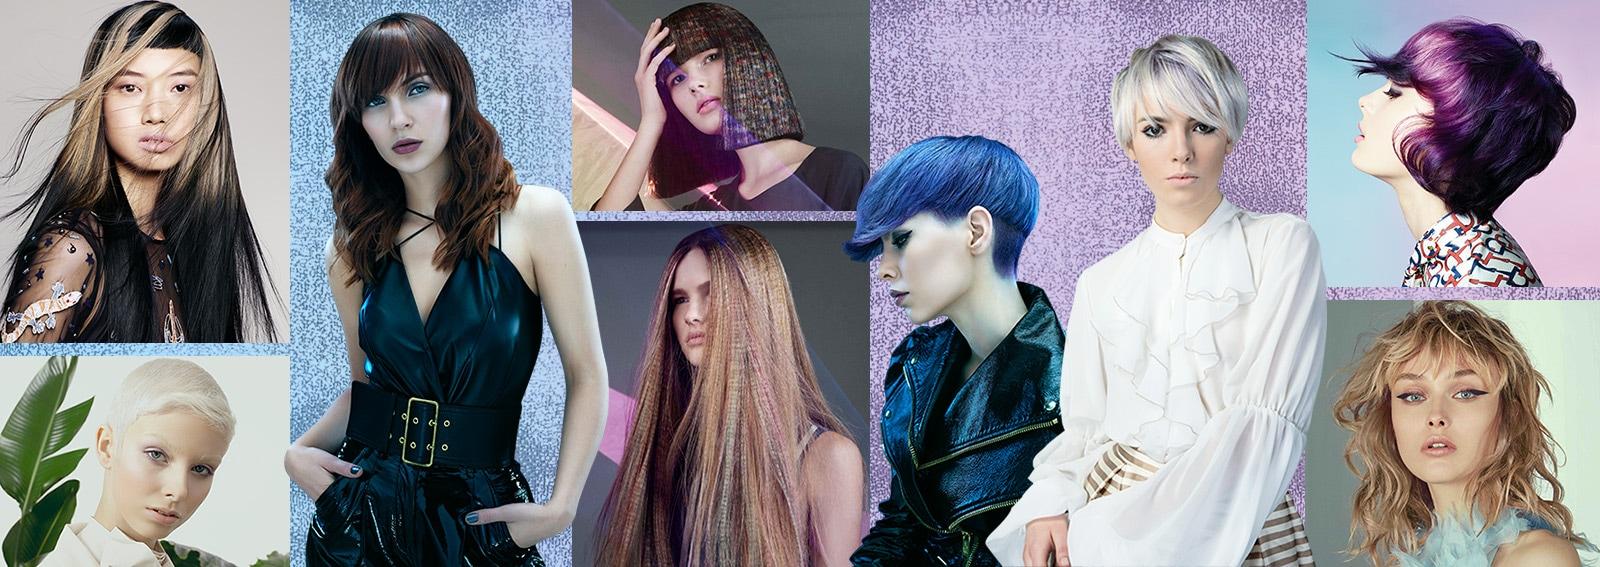 tagli capelli saloni medi lunghi corti primavera estate 2018 DESKTOP_tagli_capelli_saloni018